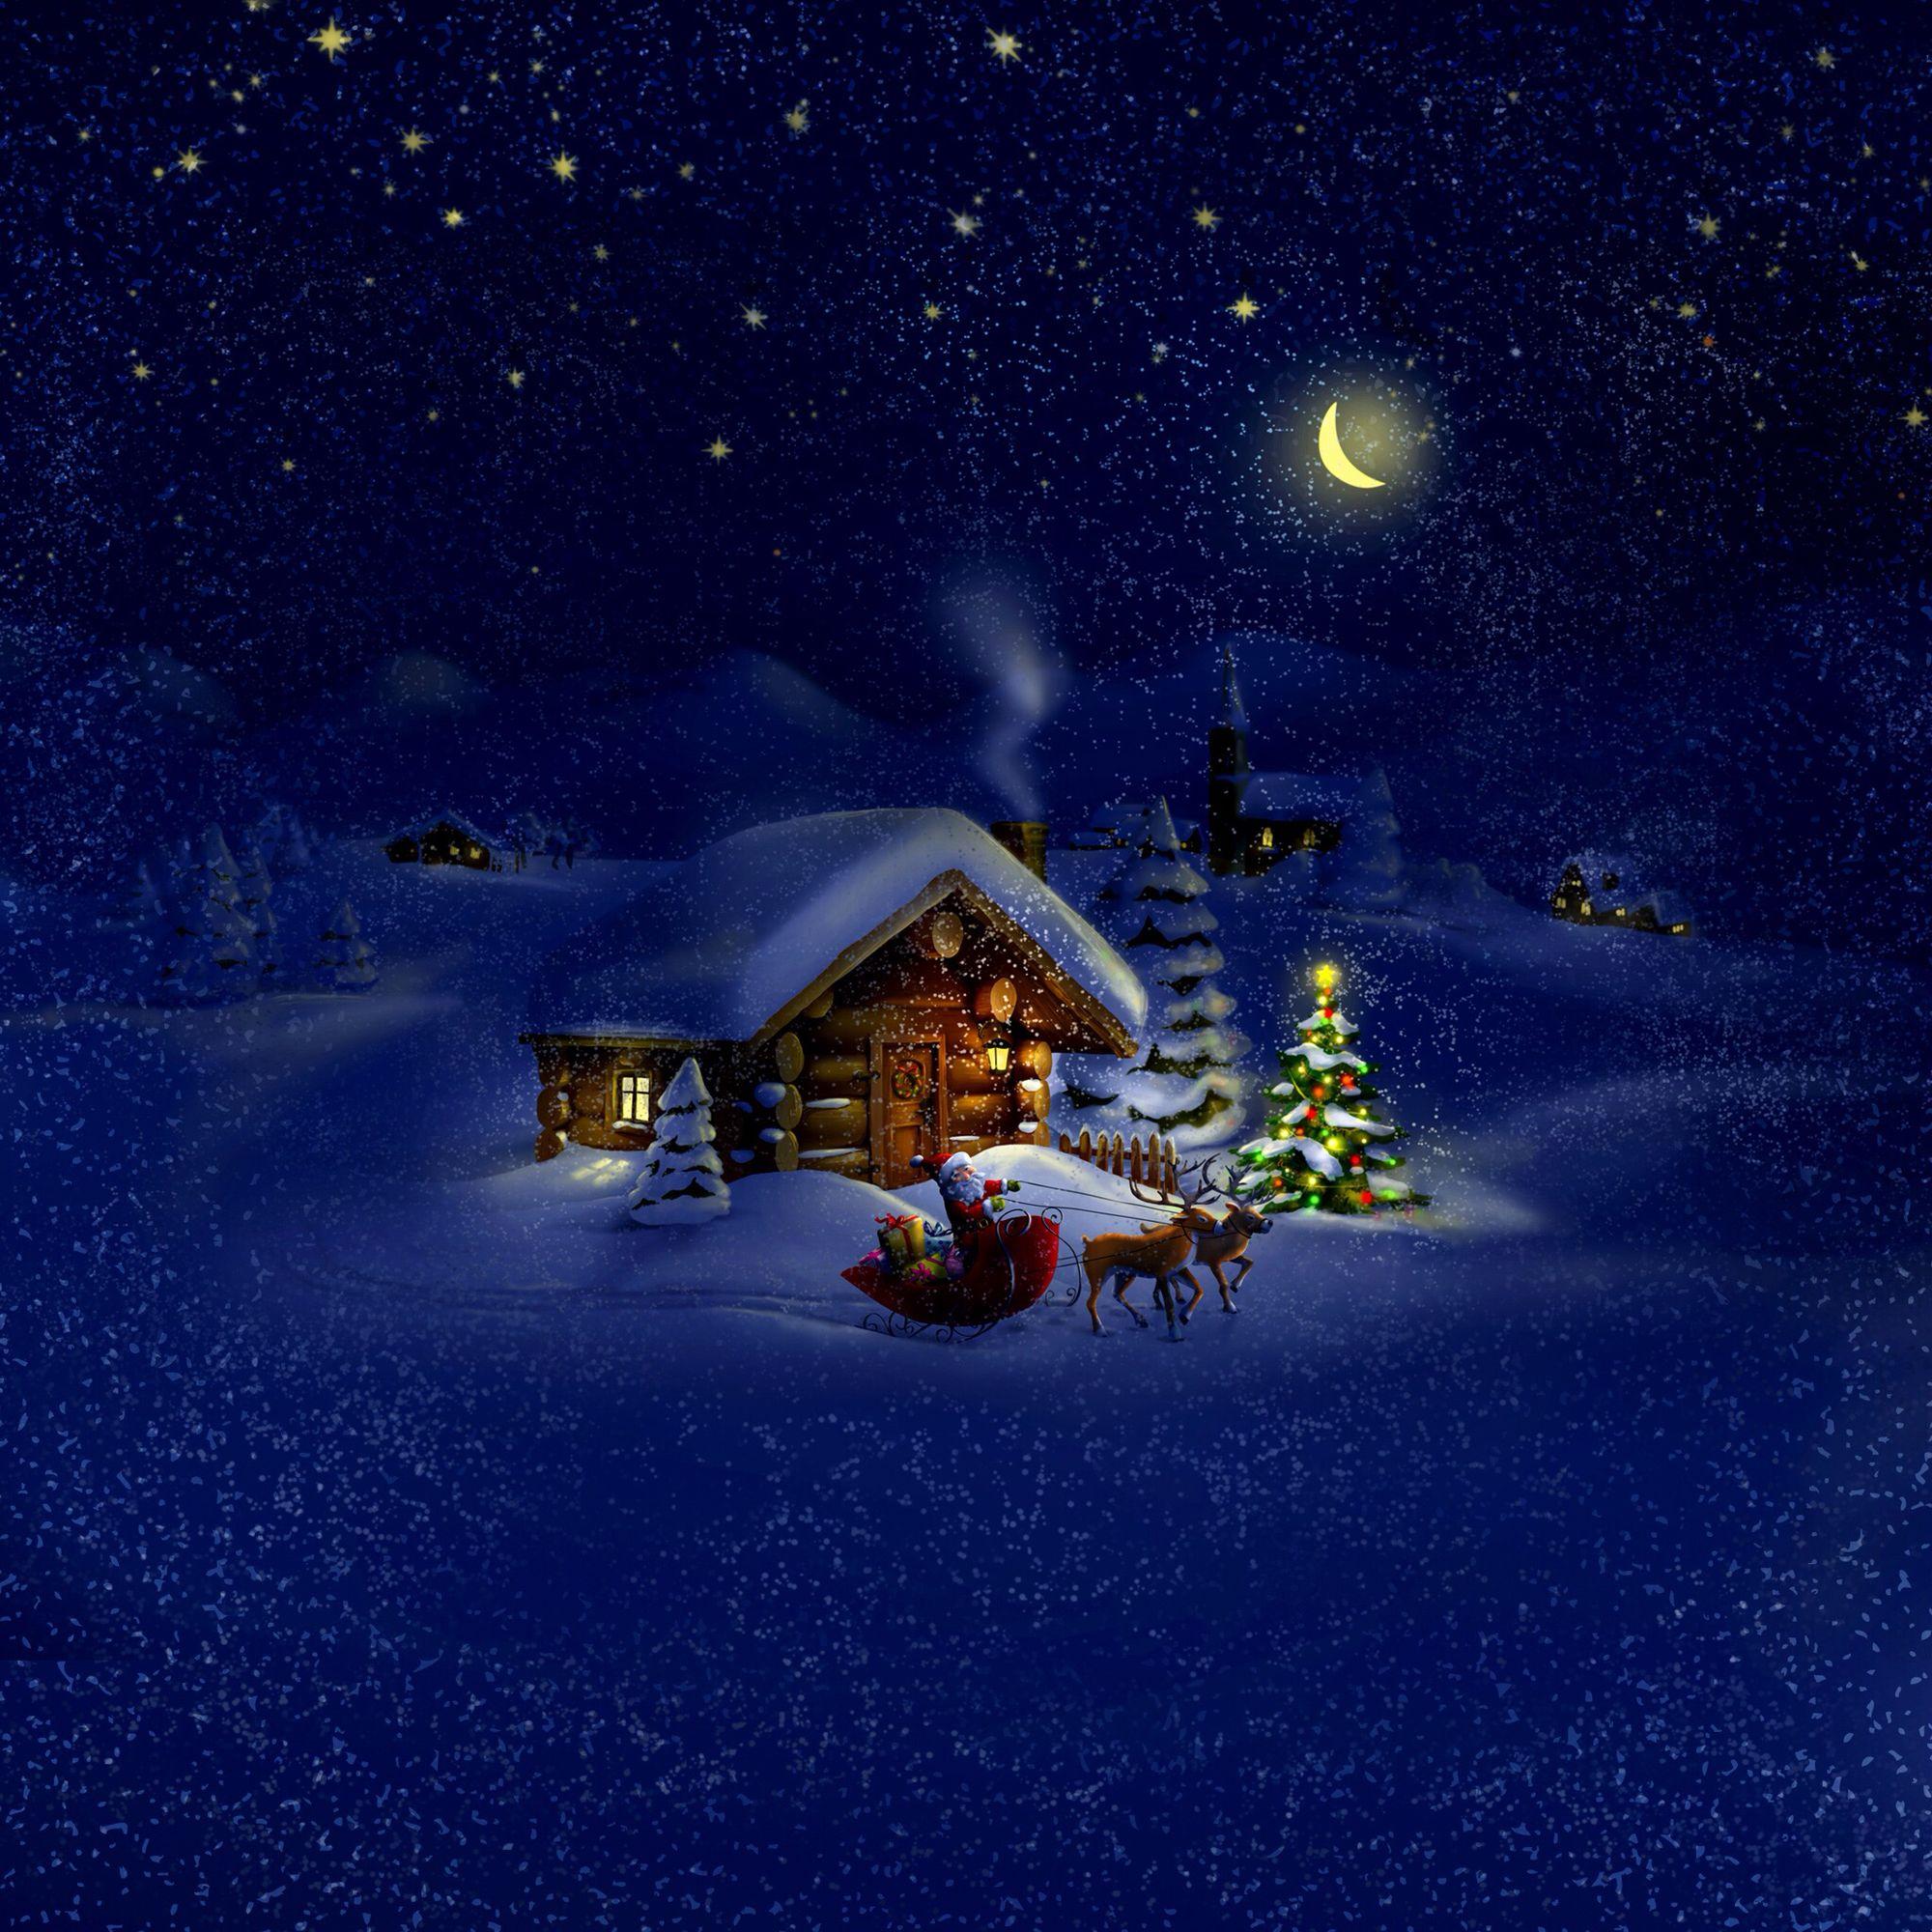 Super cute Christmas image Christmas backdrops